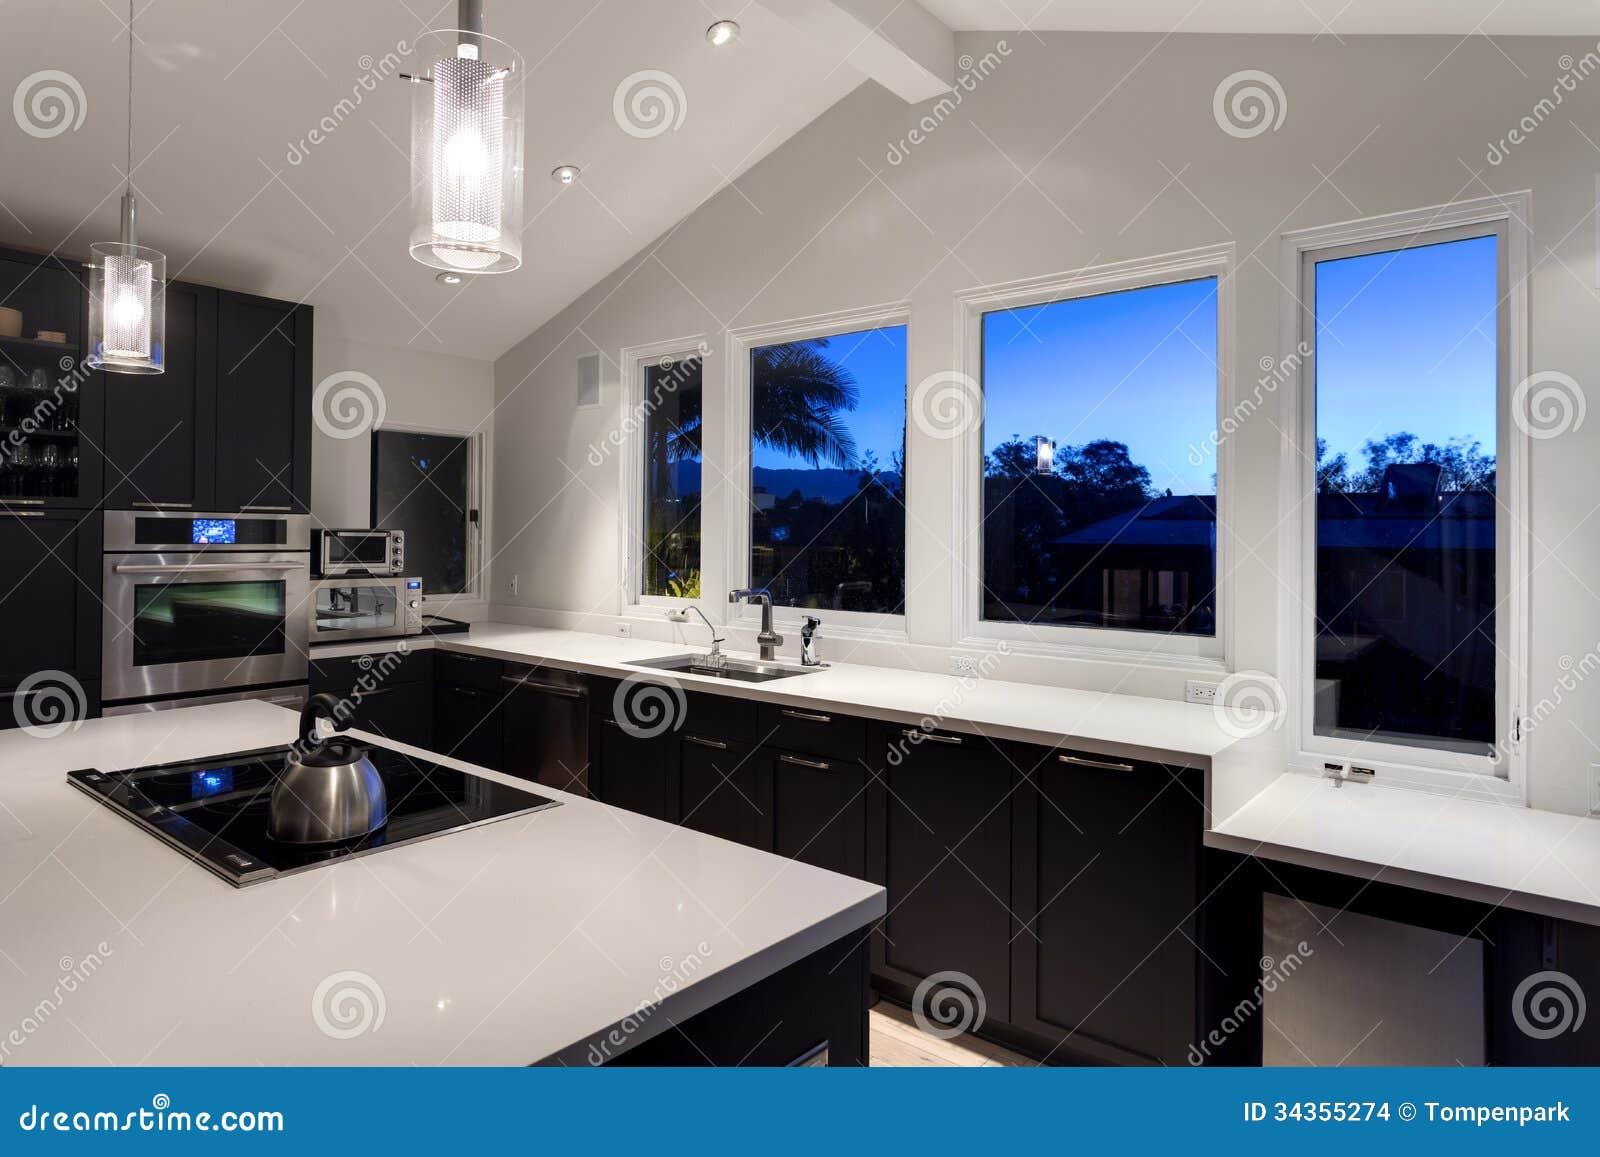 Chambre Luxe Moderne : Une Cuisine Moderne Dans Une Maison De Luxe Images stock – Image …